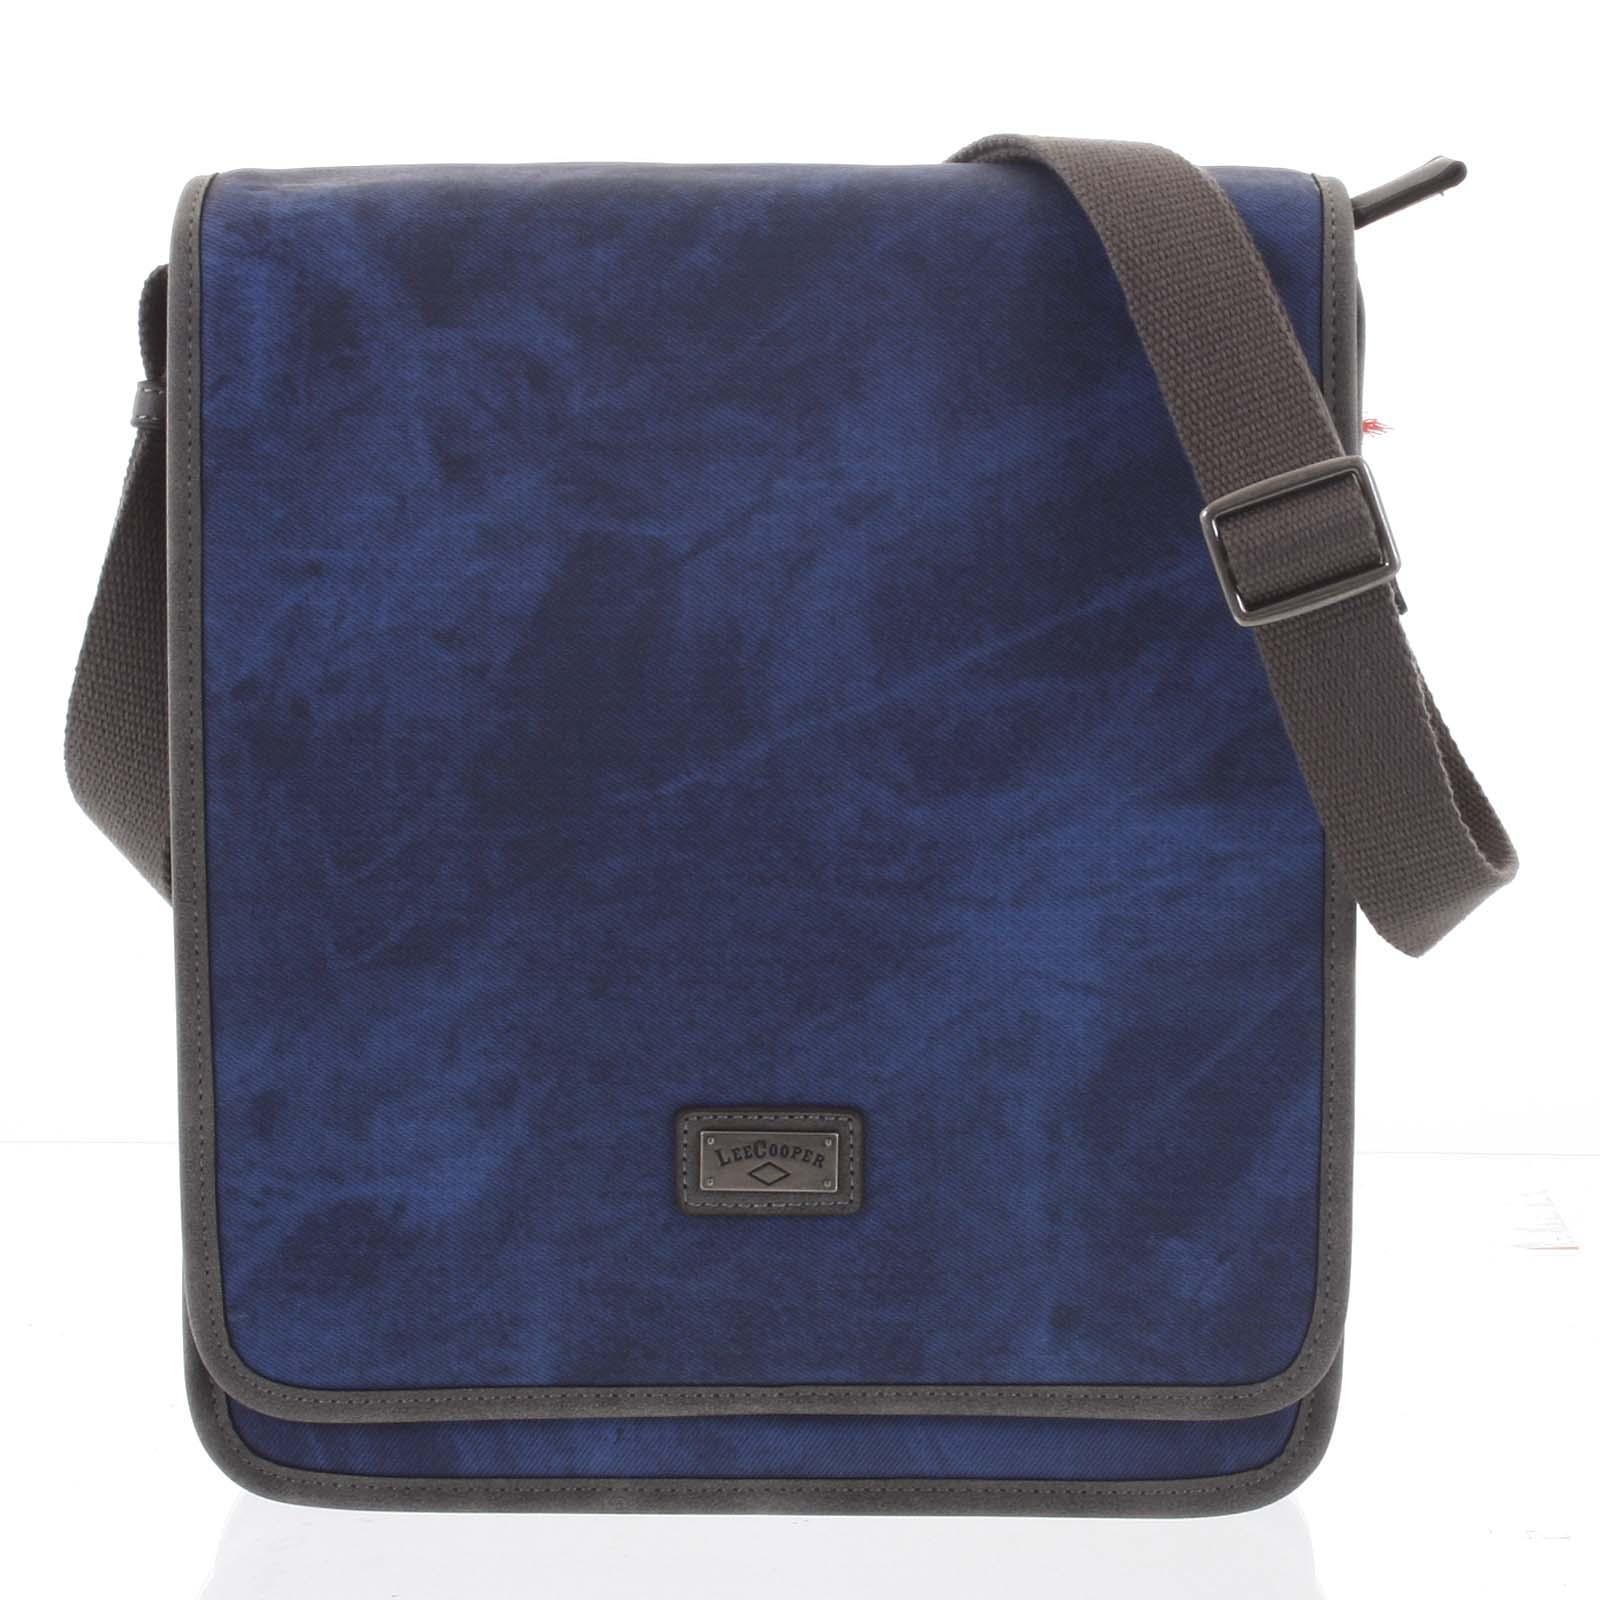 Modrá moderní pánská taška přes rameno - Lee Cooper Adrastos